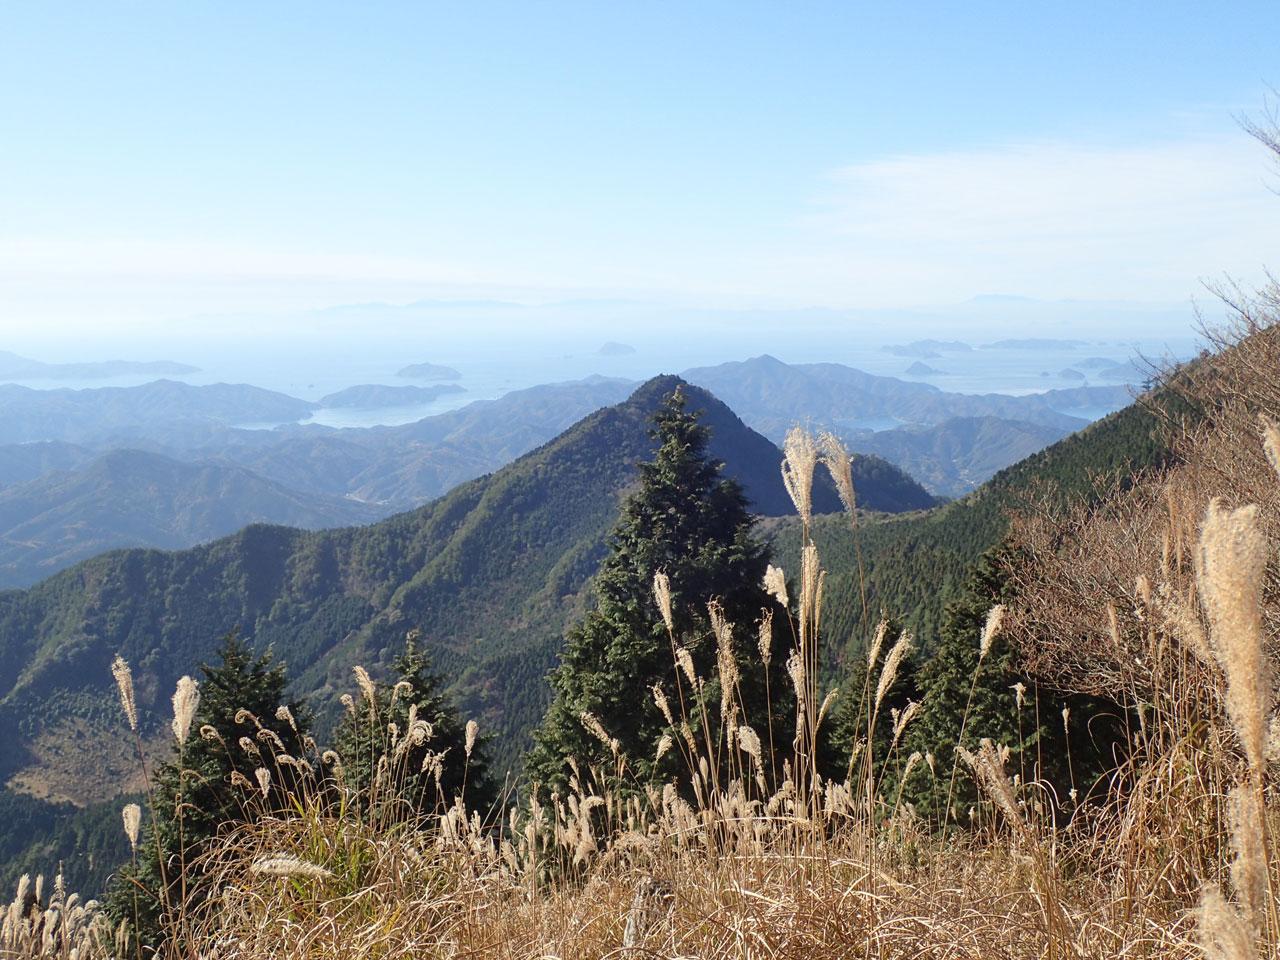 鬼ヶ城山系の写真